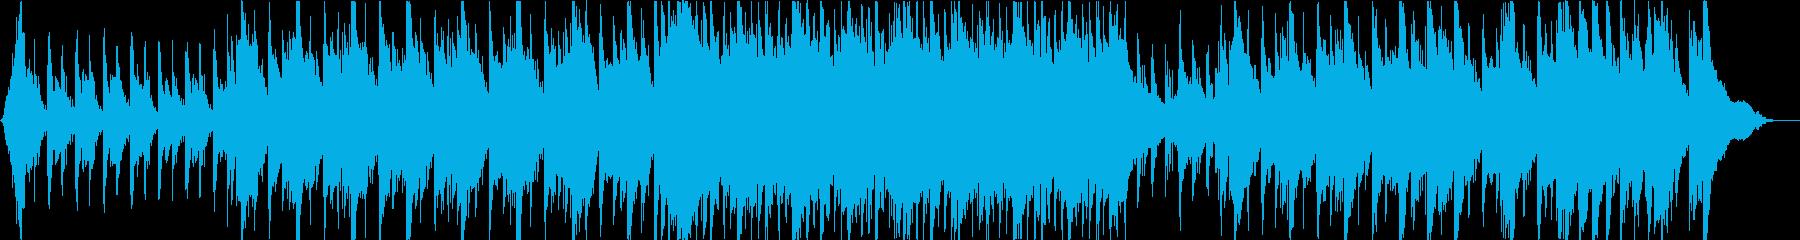 壮大で前向きなピアノ&ストリングスの再生済みの波形